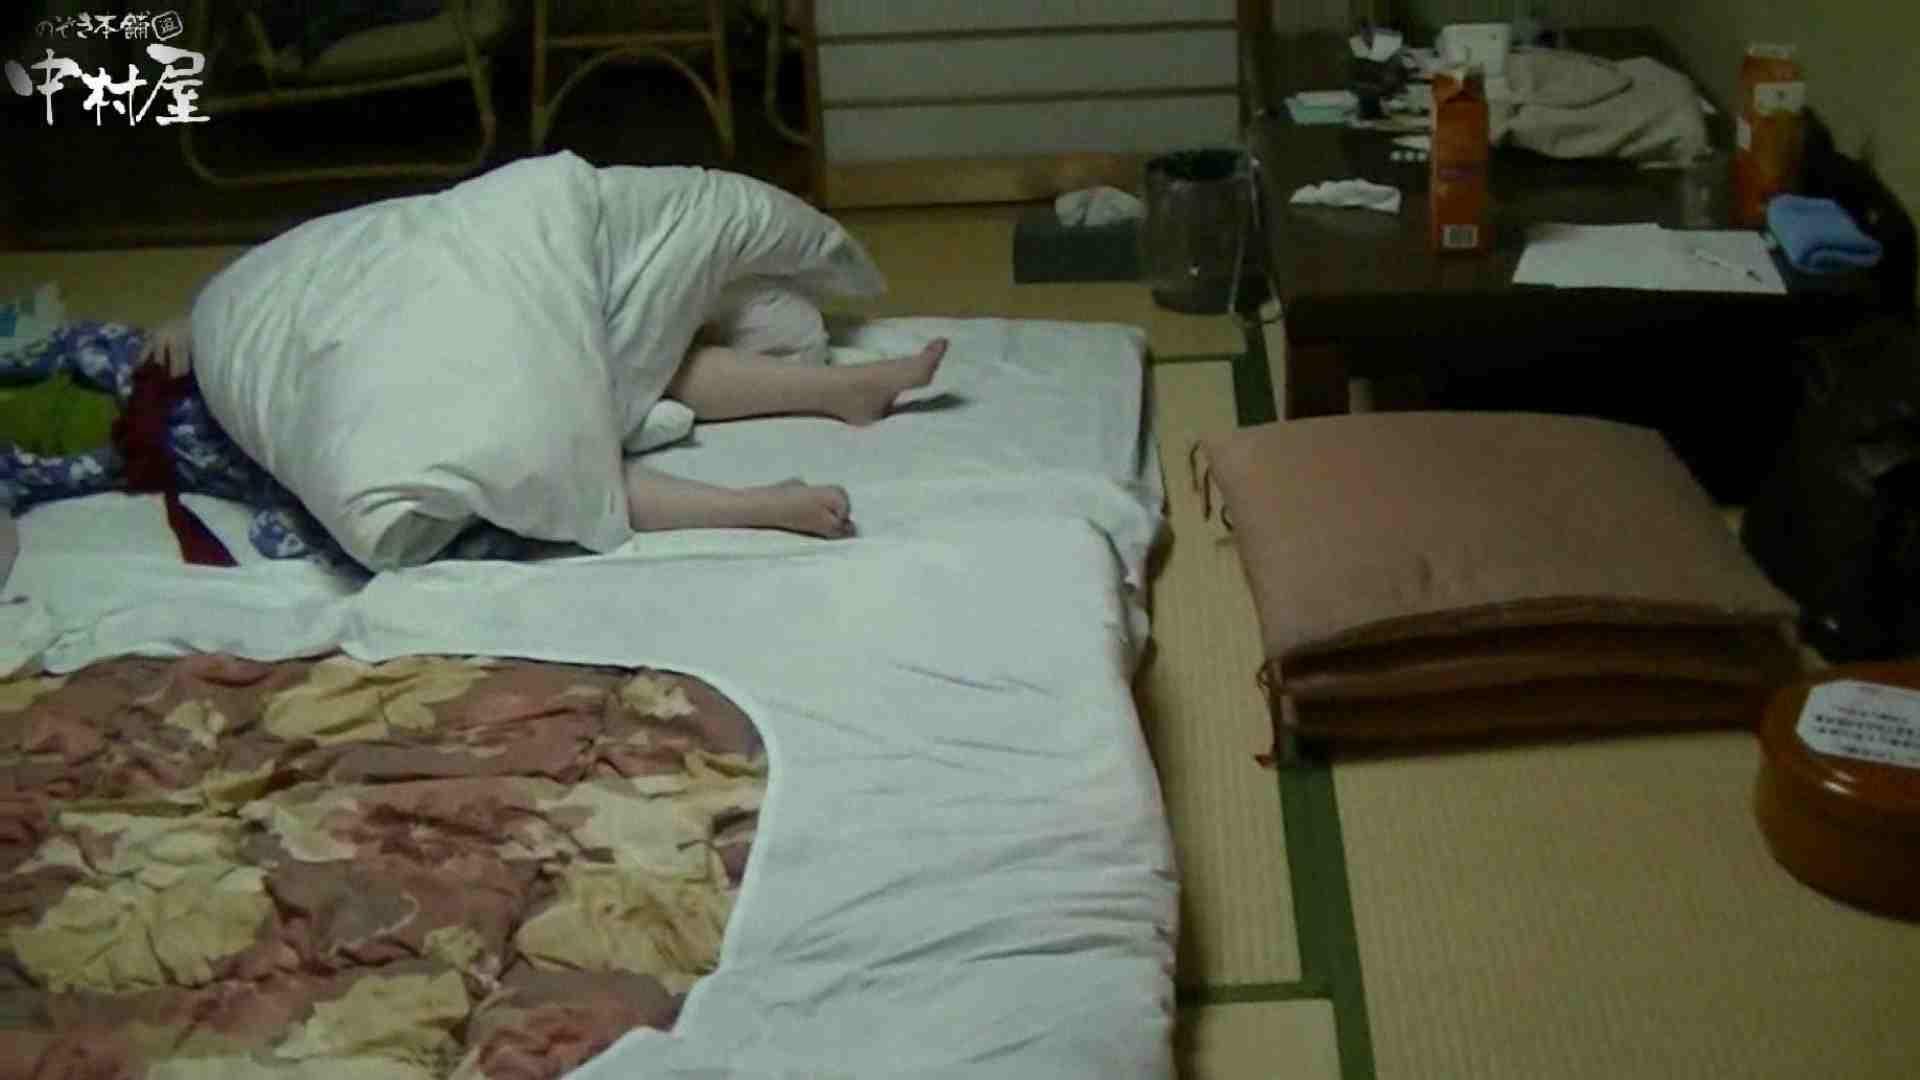 ネムリ姫 vol.33 熟女のエロ動画 | マンコエロすぎ  80PIX 1